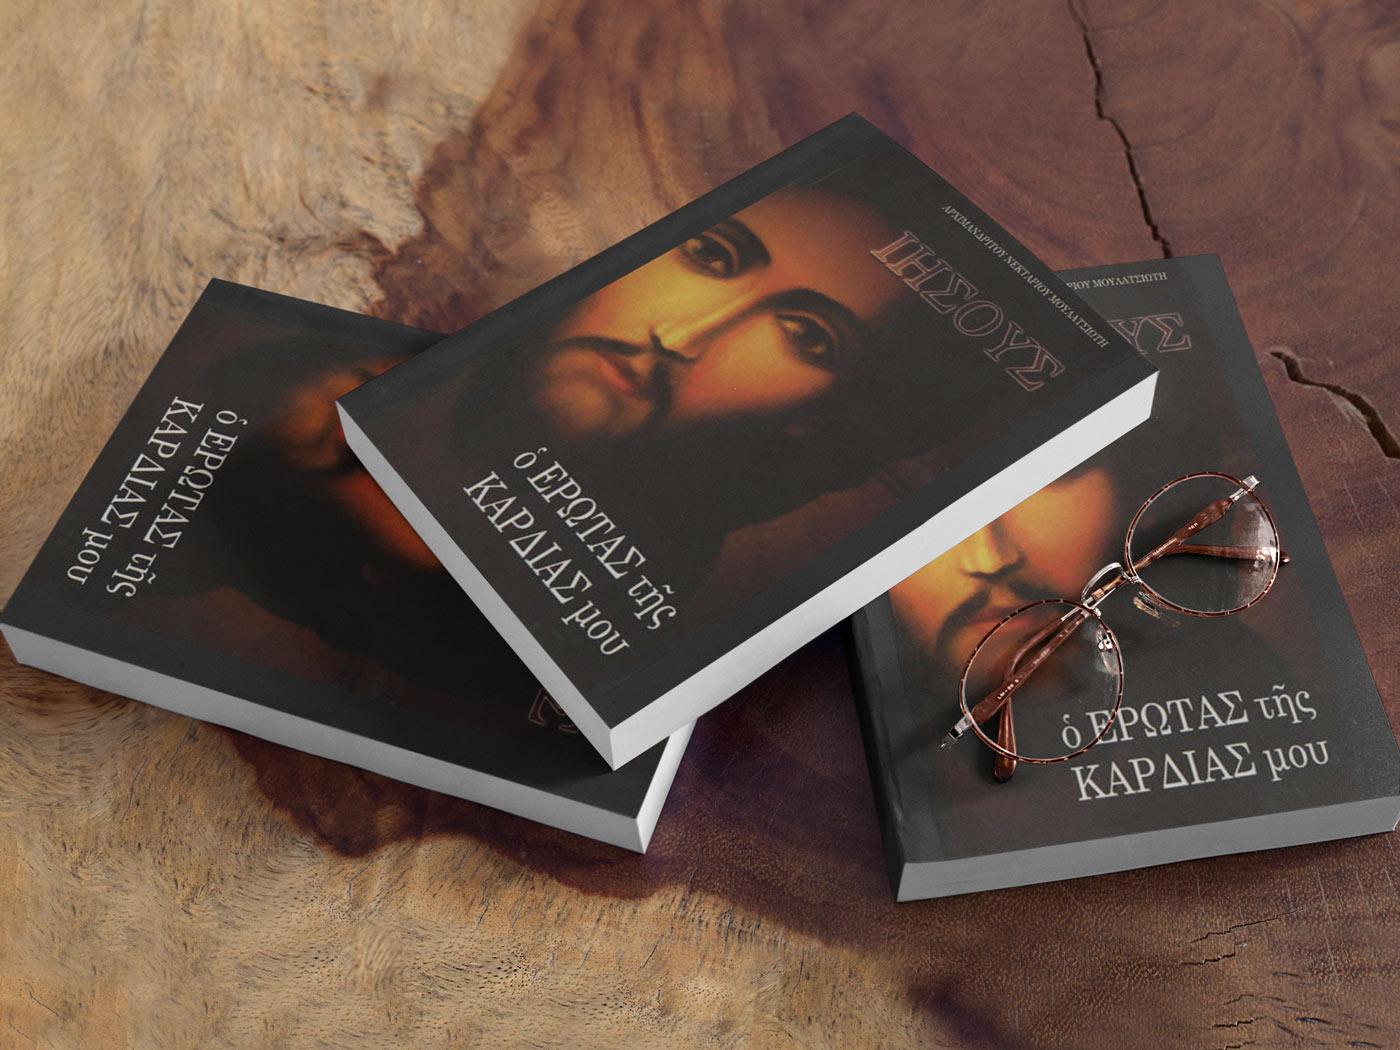 εκκλησιαστικά βιβλία